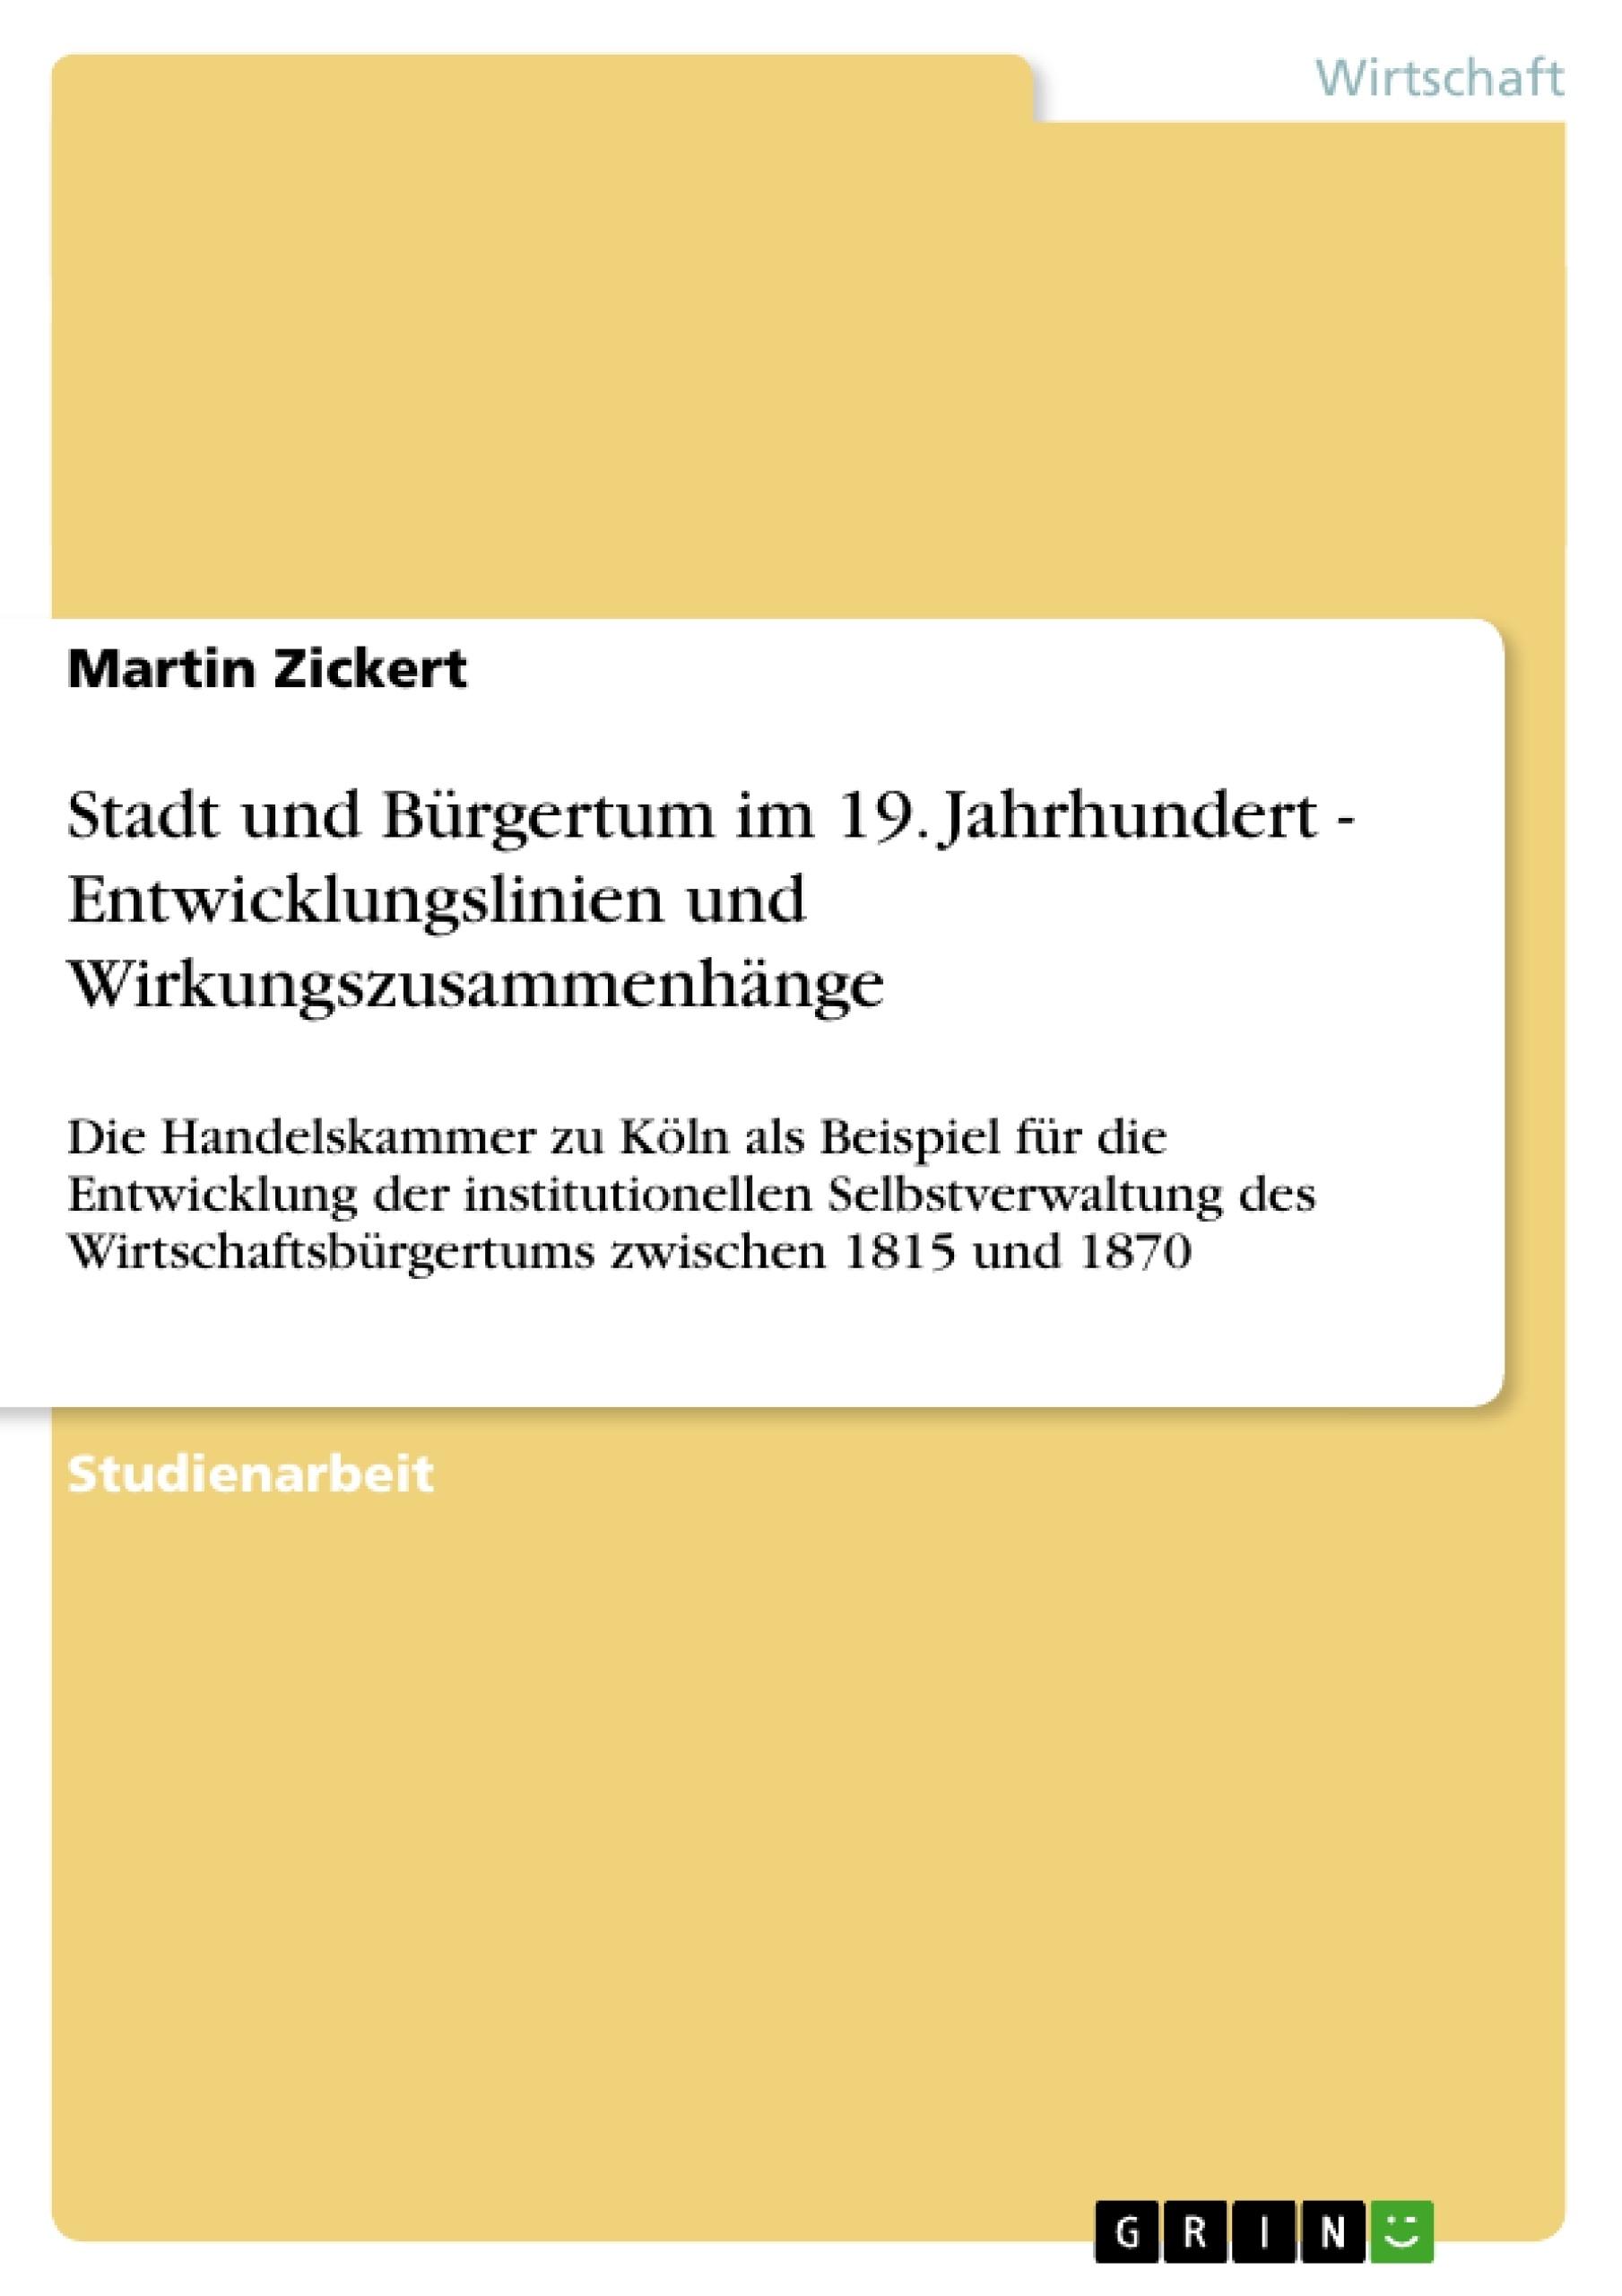 Titel: Stadt und Bürgertum im 19. Jahrhundert - Entwicklungslinien und Wirkungszusammenhänge